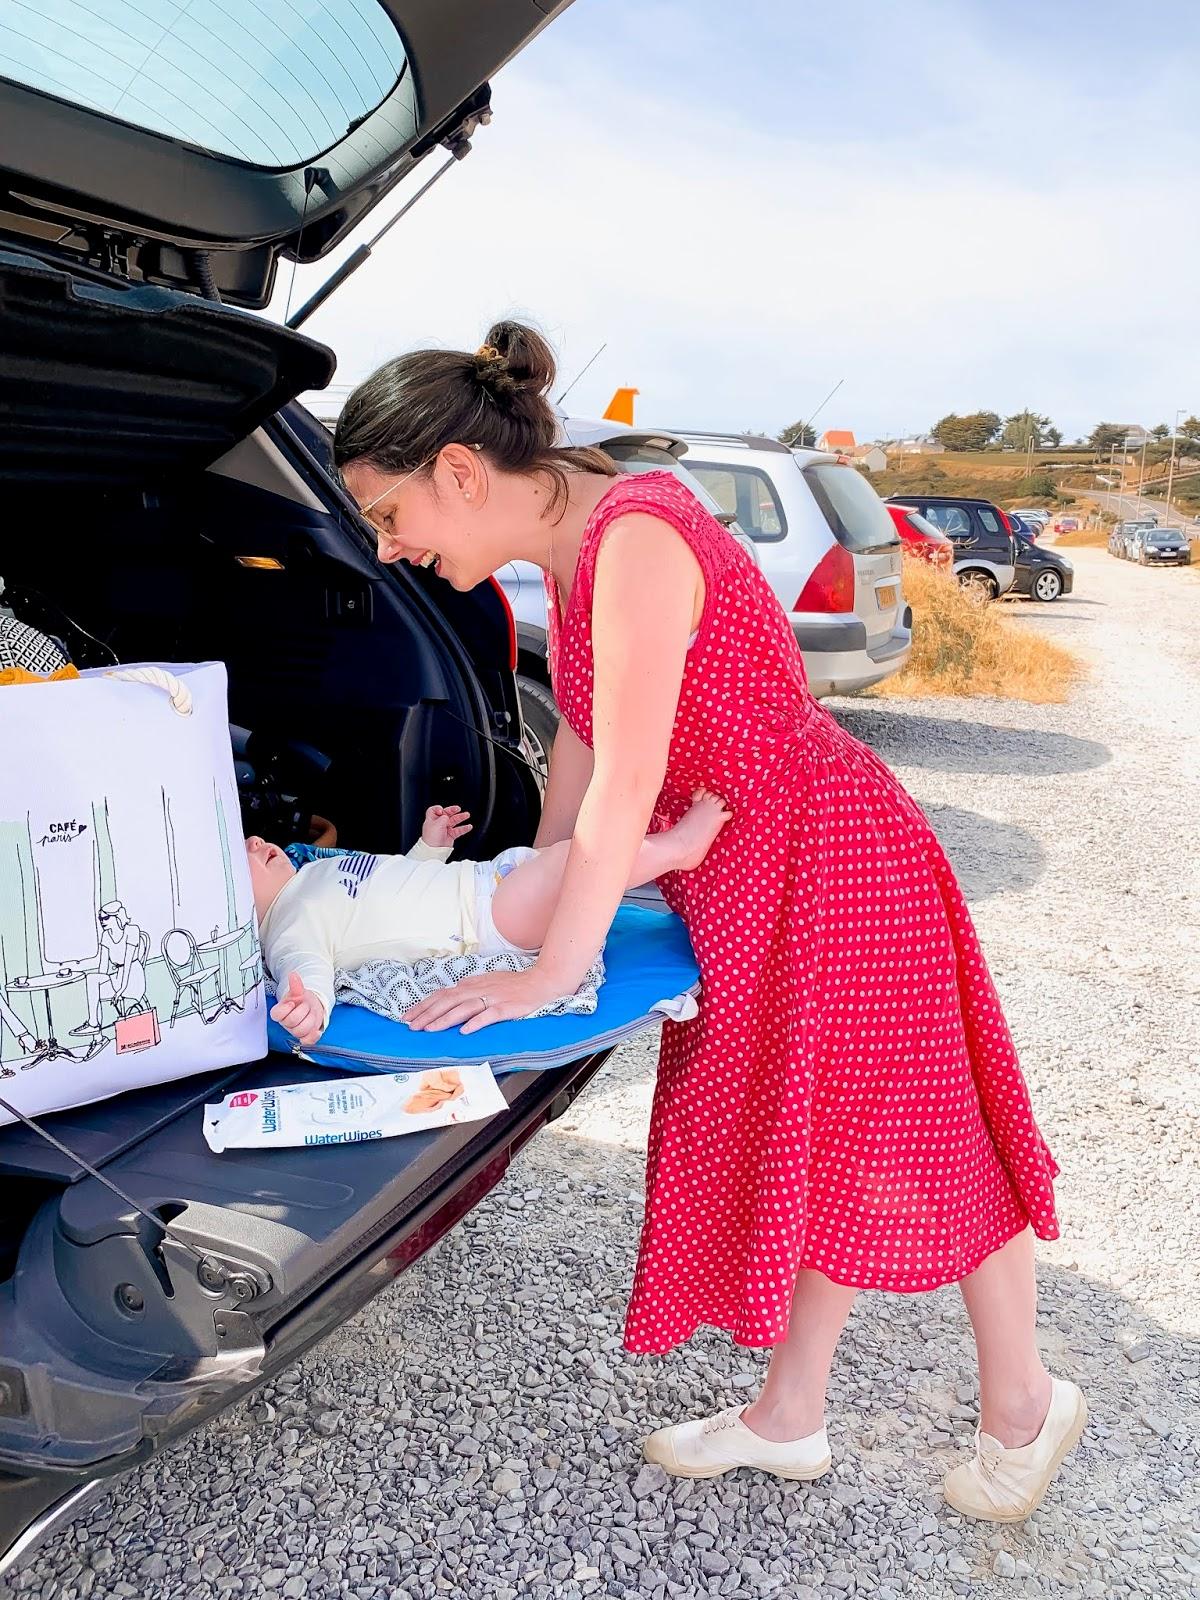 melogommette waterwipes vraieviedeparents lingettes écolo bébé change voiture vacances